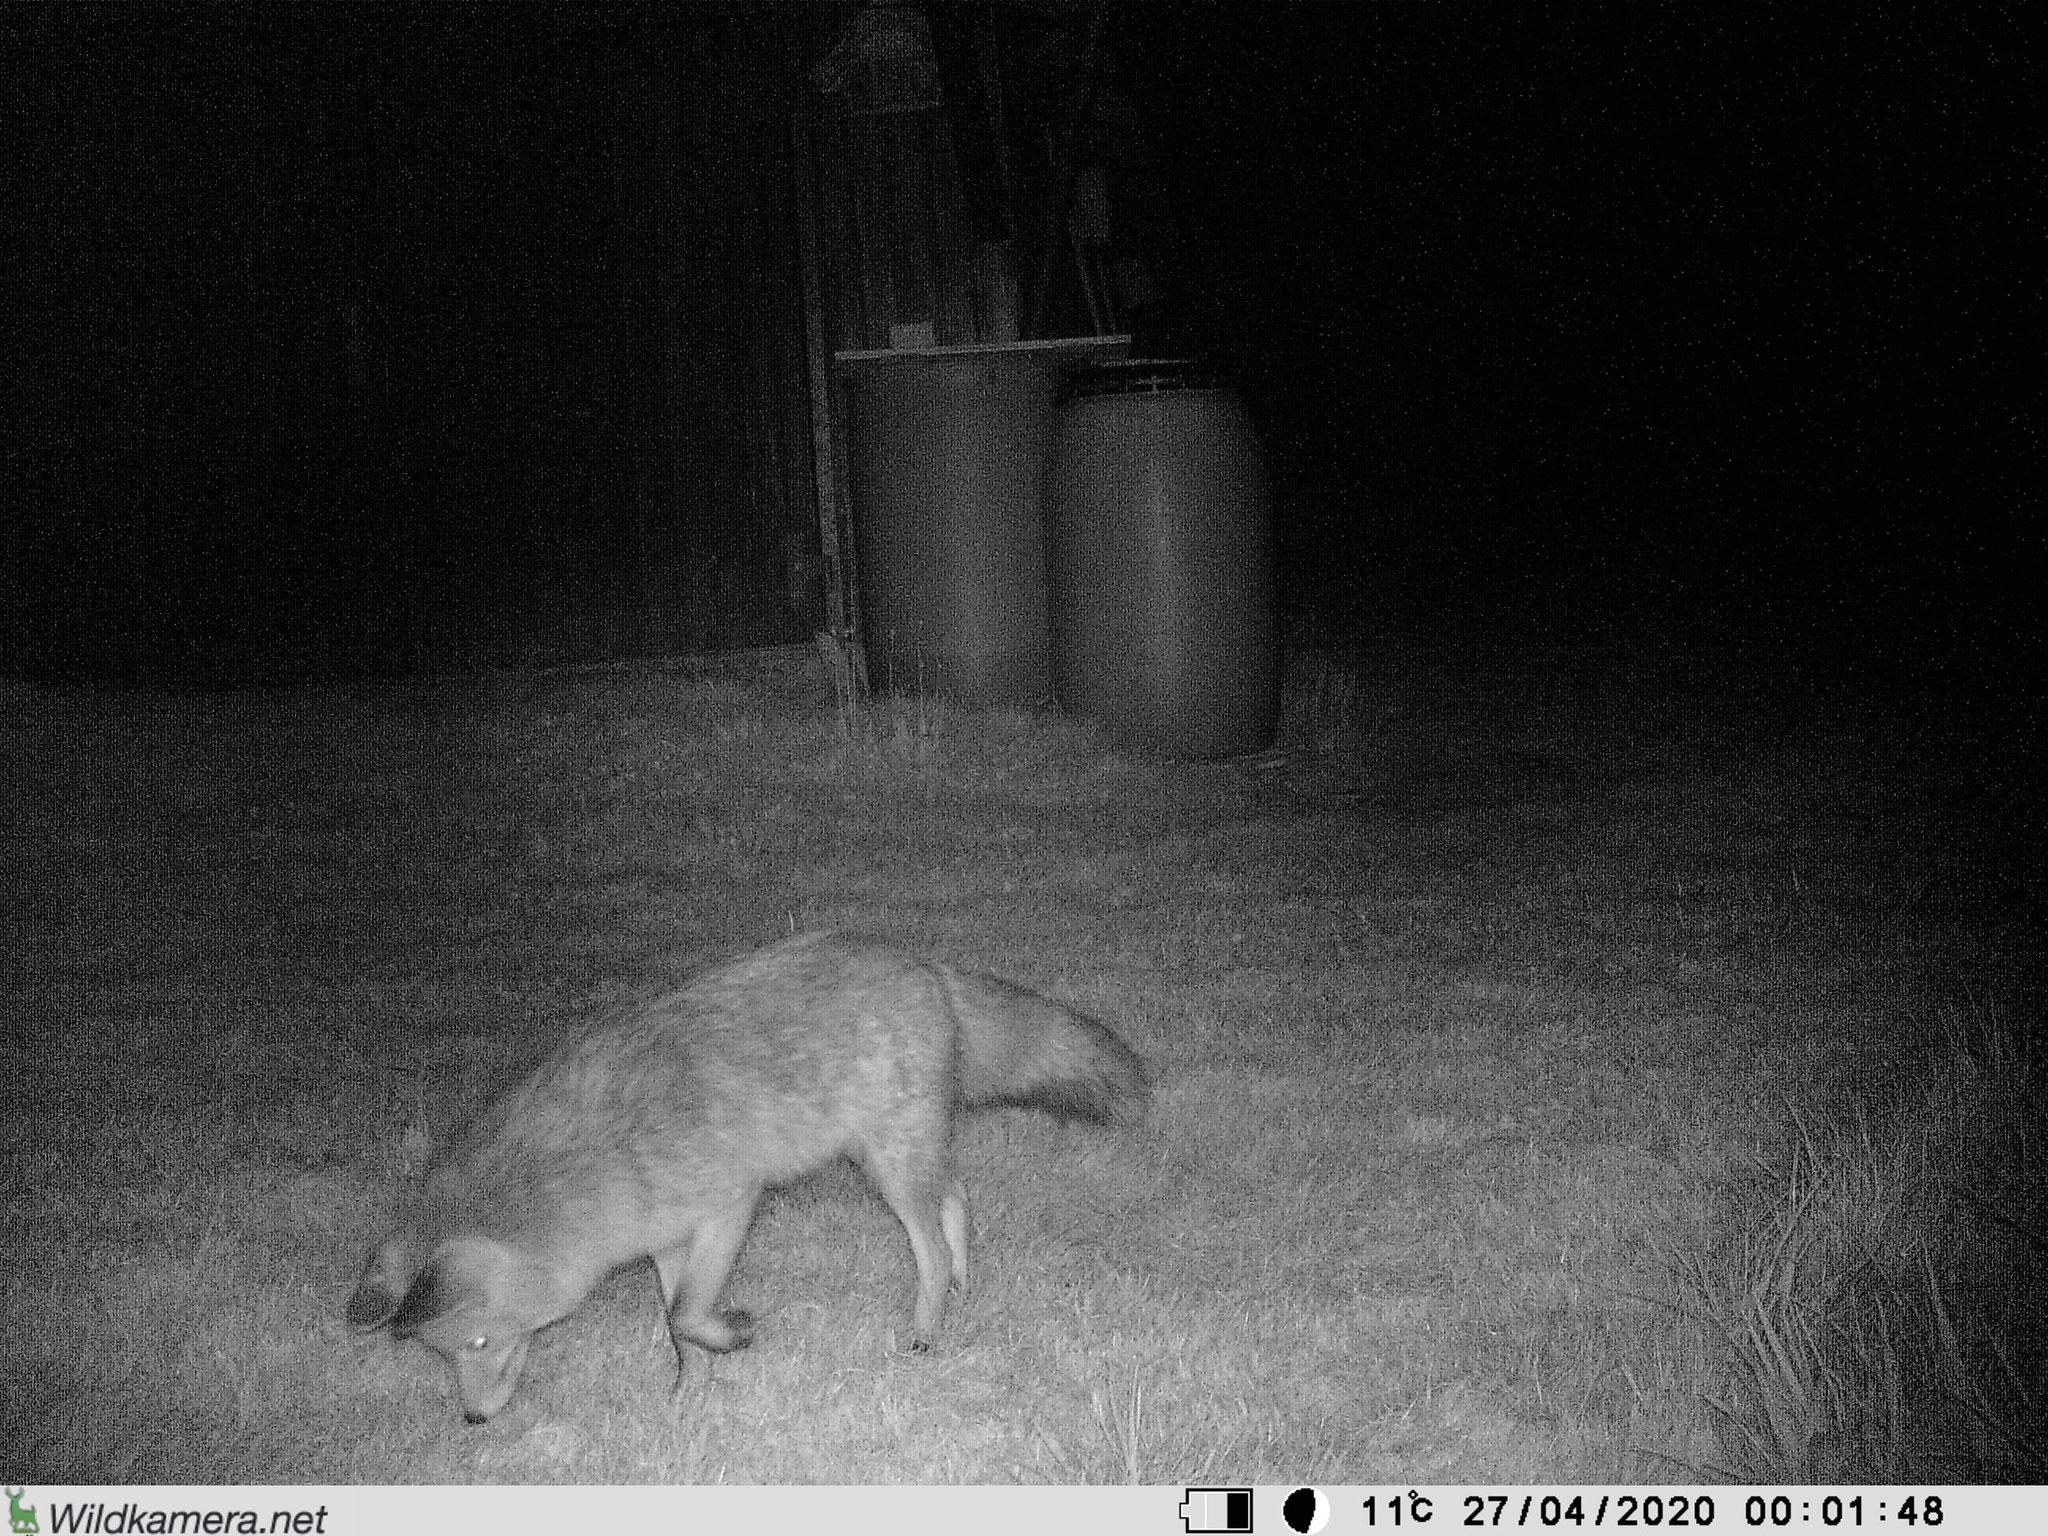 und der Fuchs sucht nach den dortigen Mäusen.